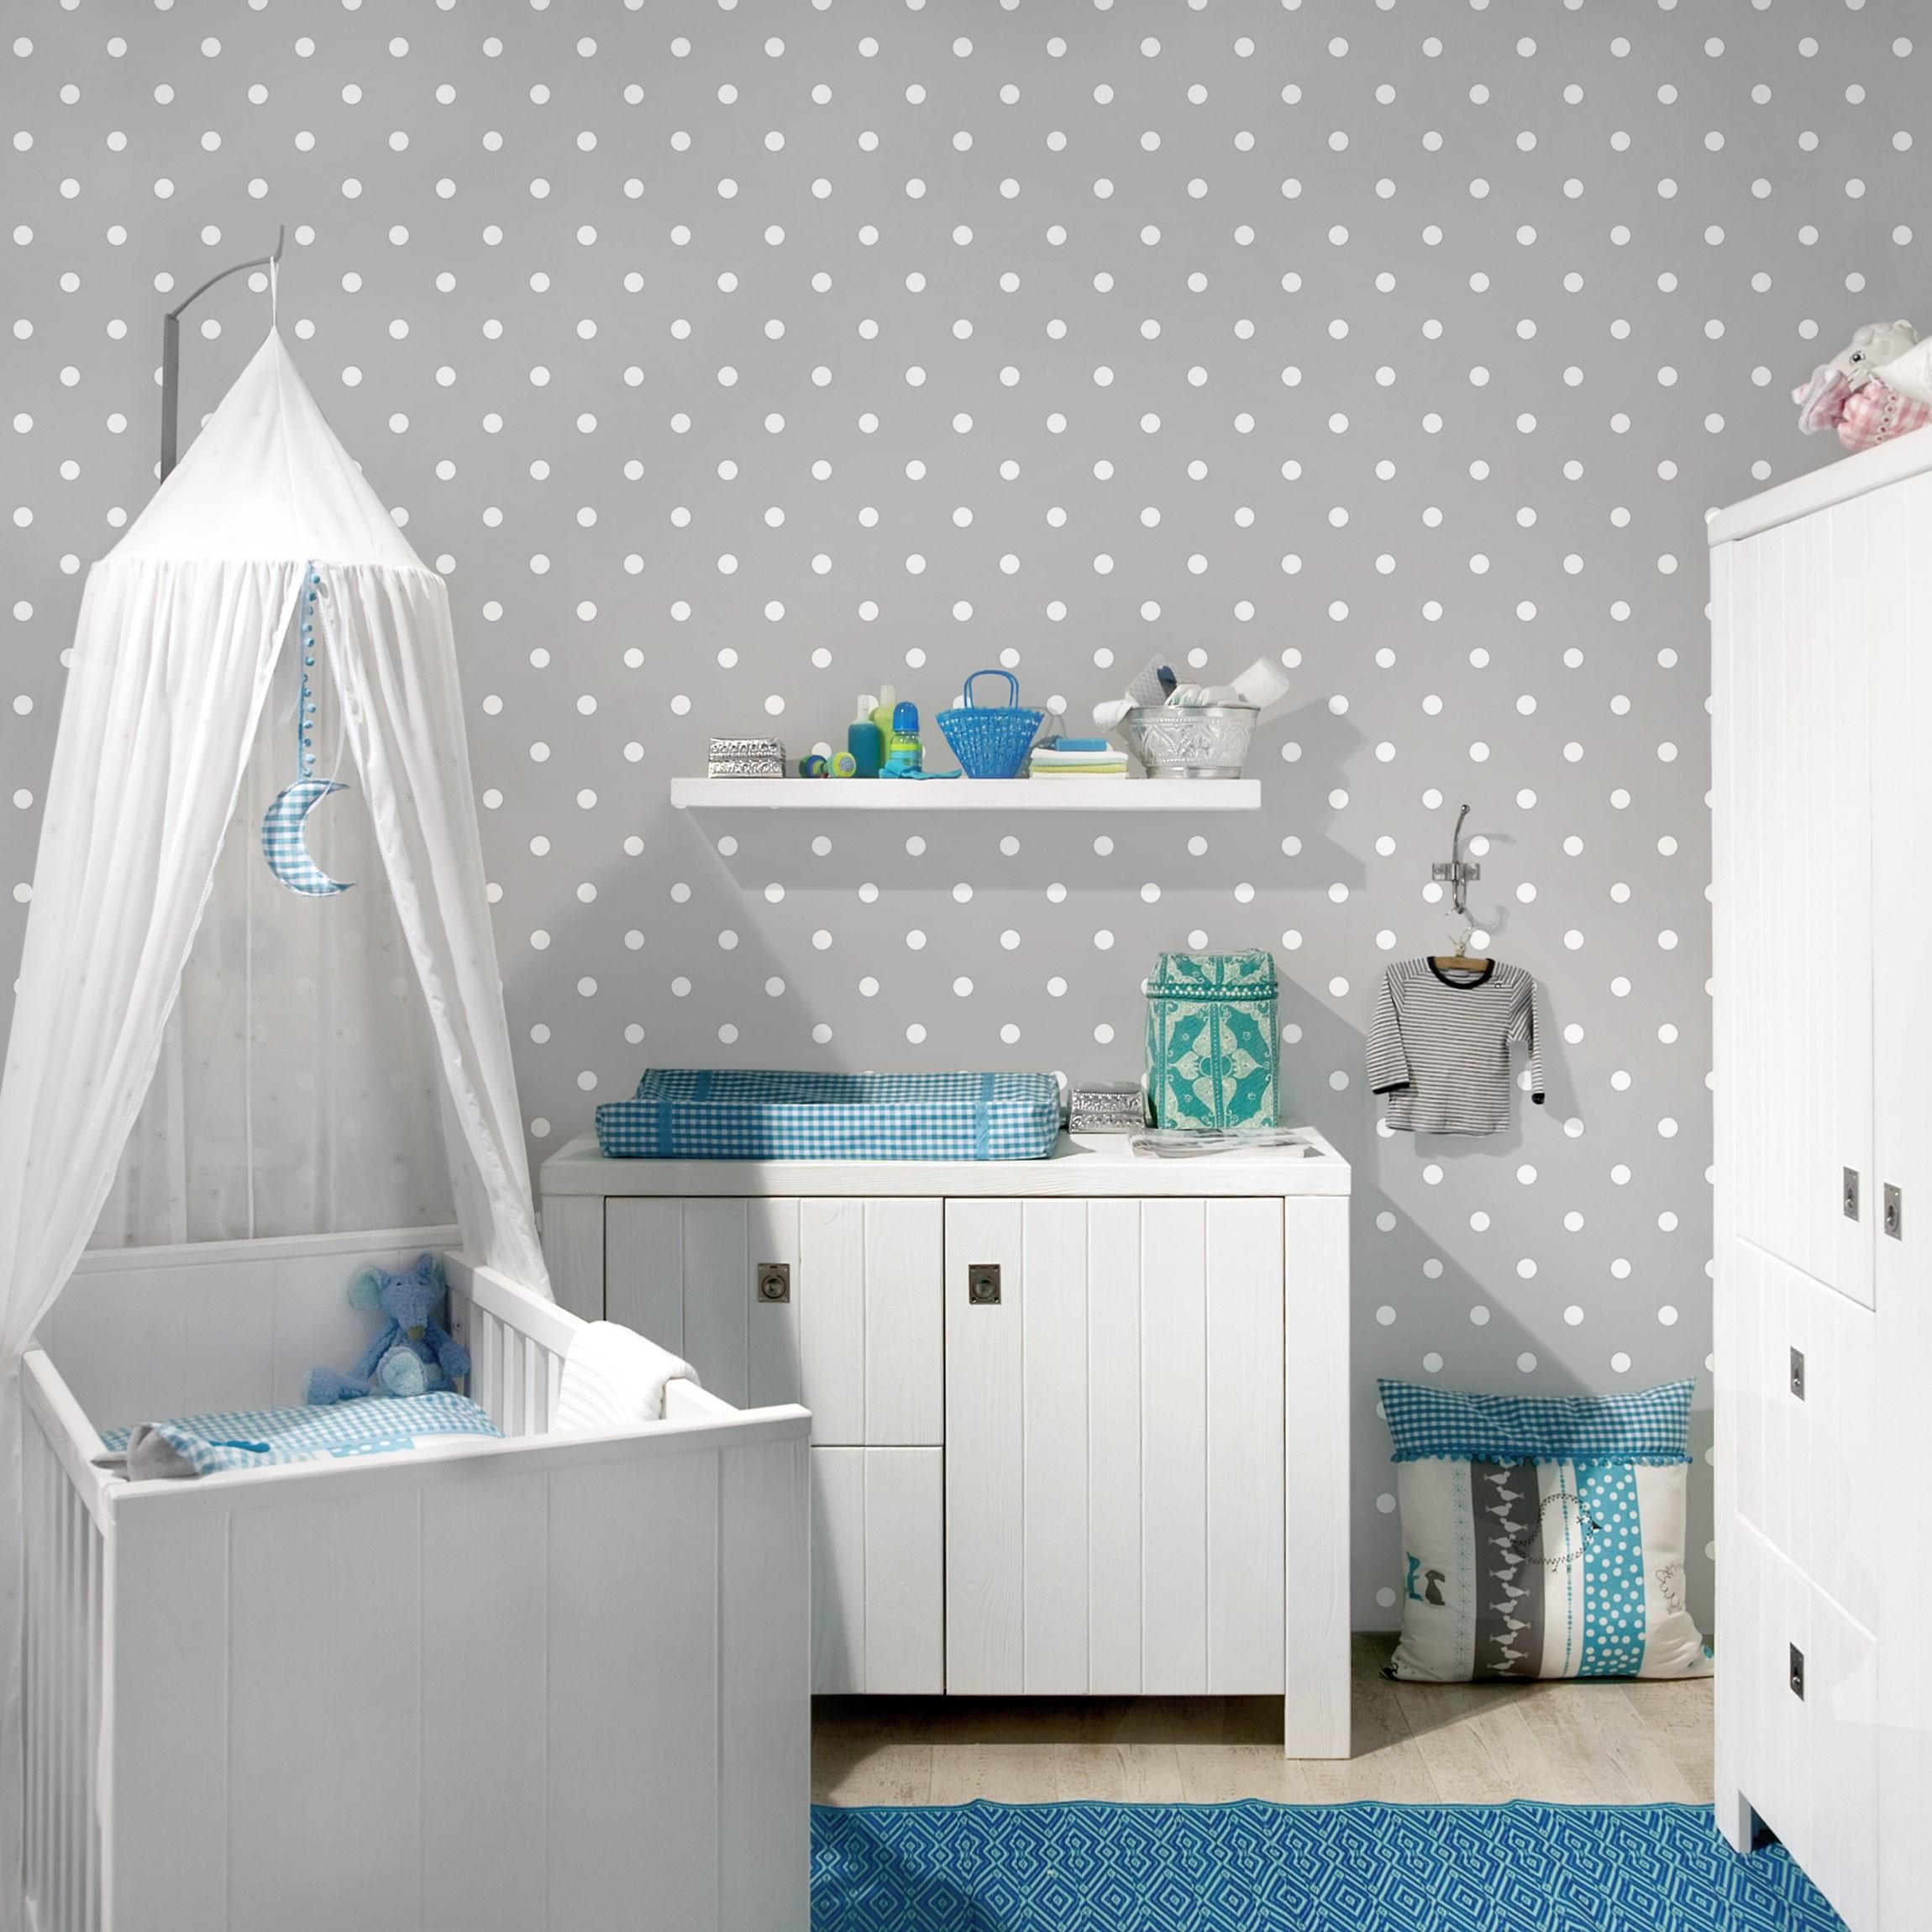 Full Size of Babyzimmer Tapete Grau Regal Kinderzimmer Weiß Sofa Regale Wohnzimmer Wandgestaltung Kinderzimmer Jungen